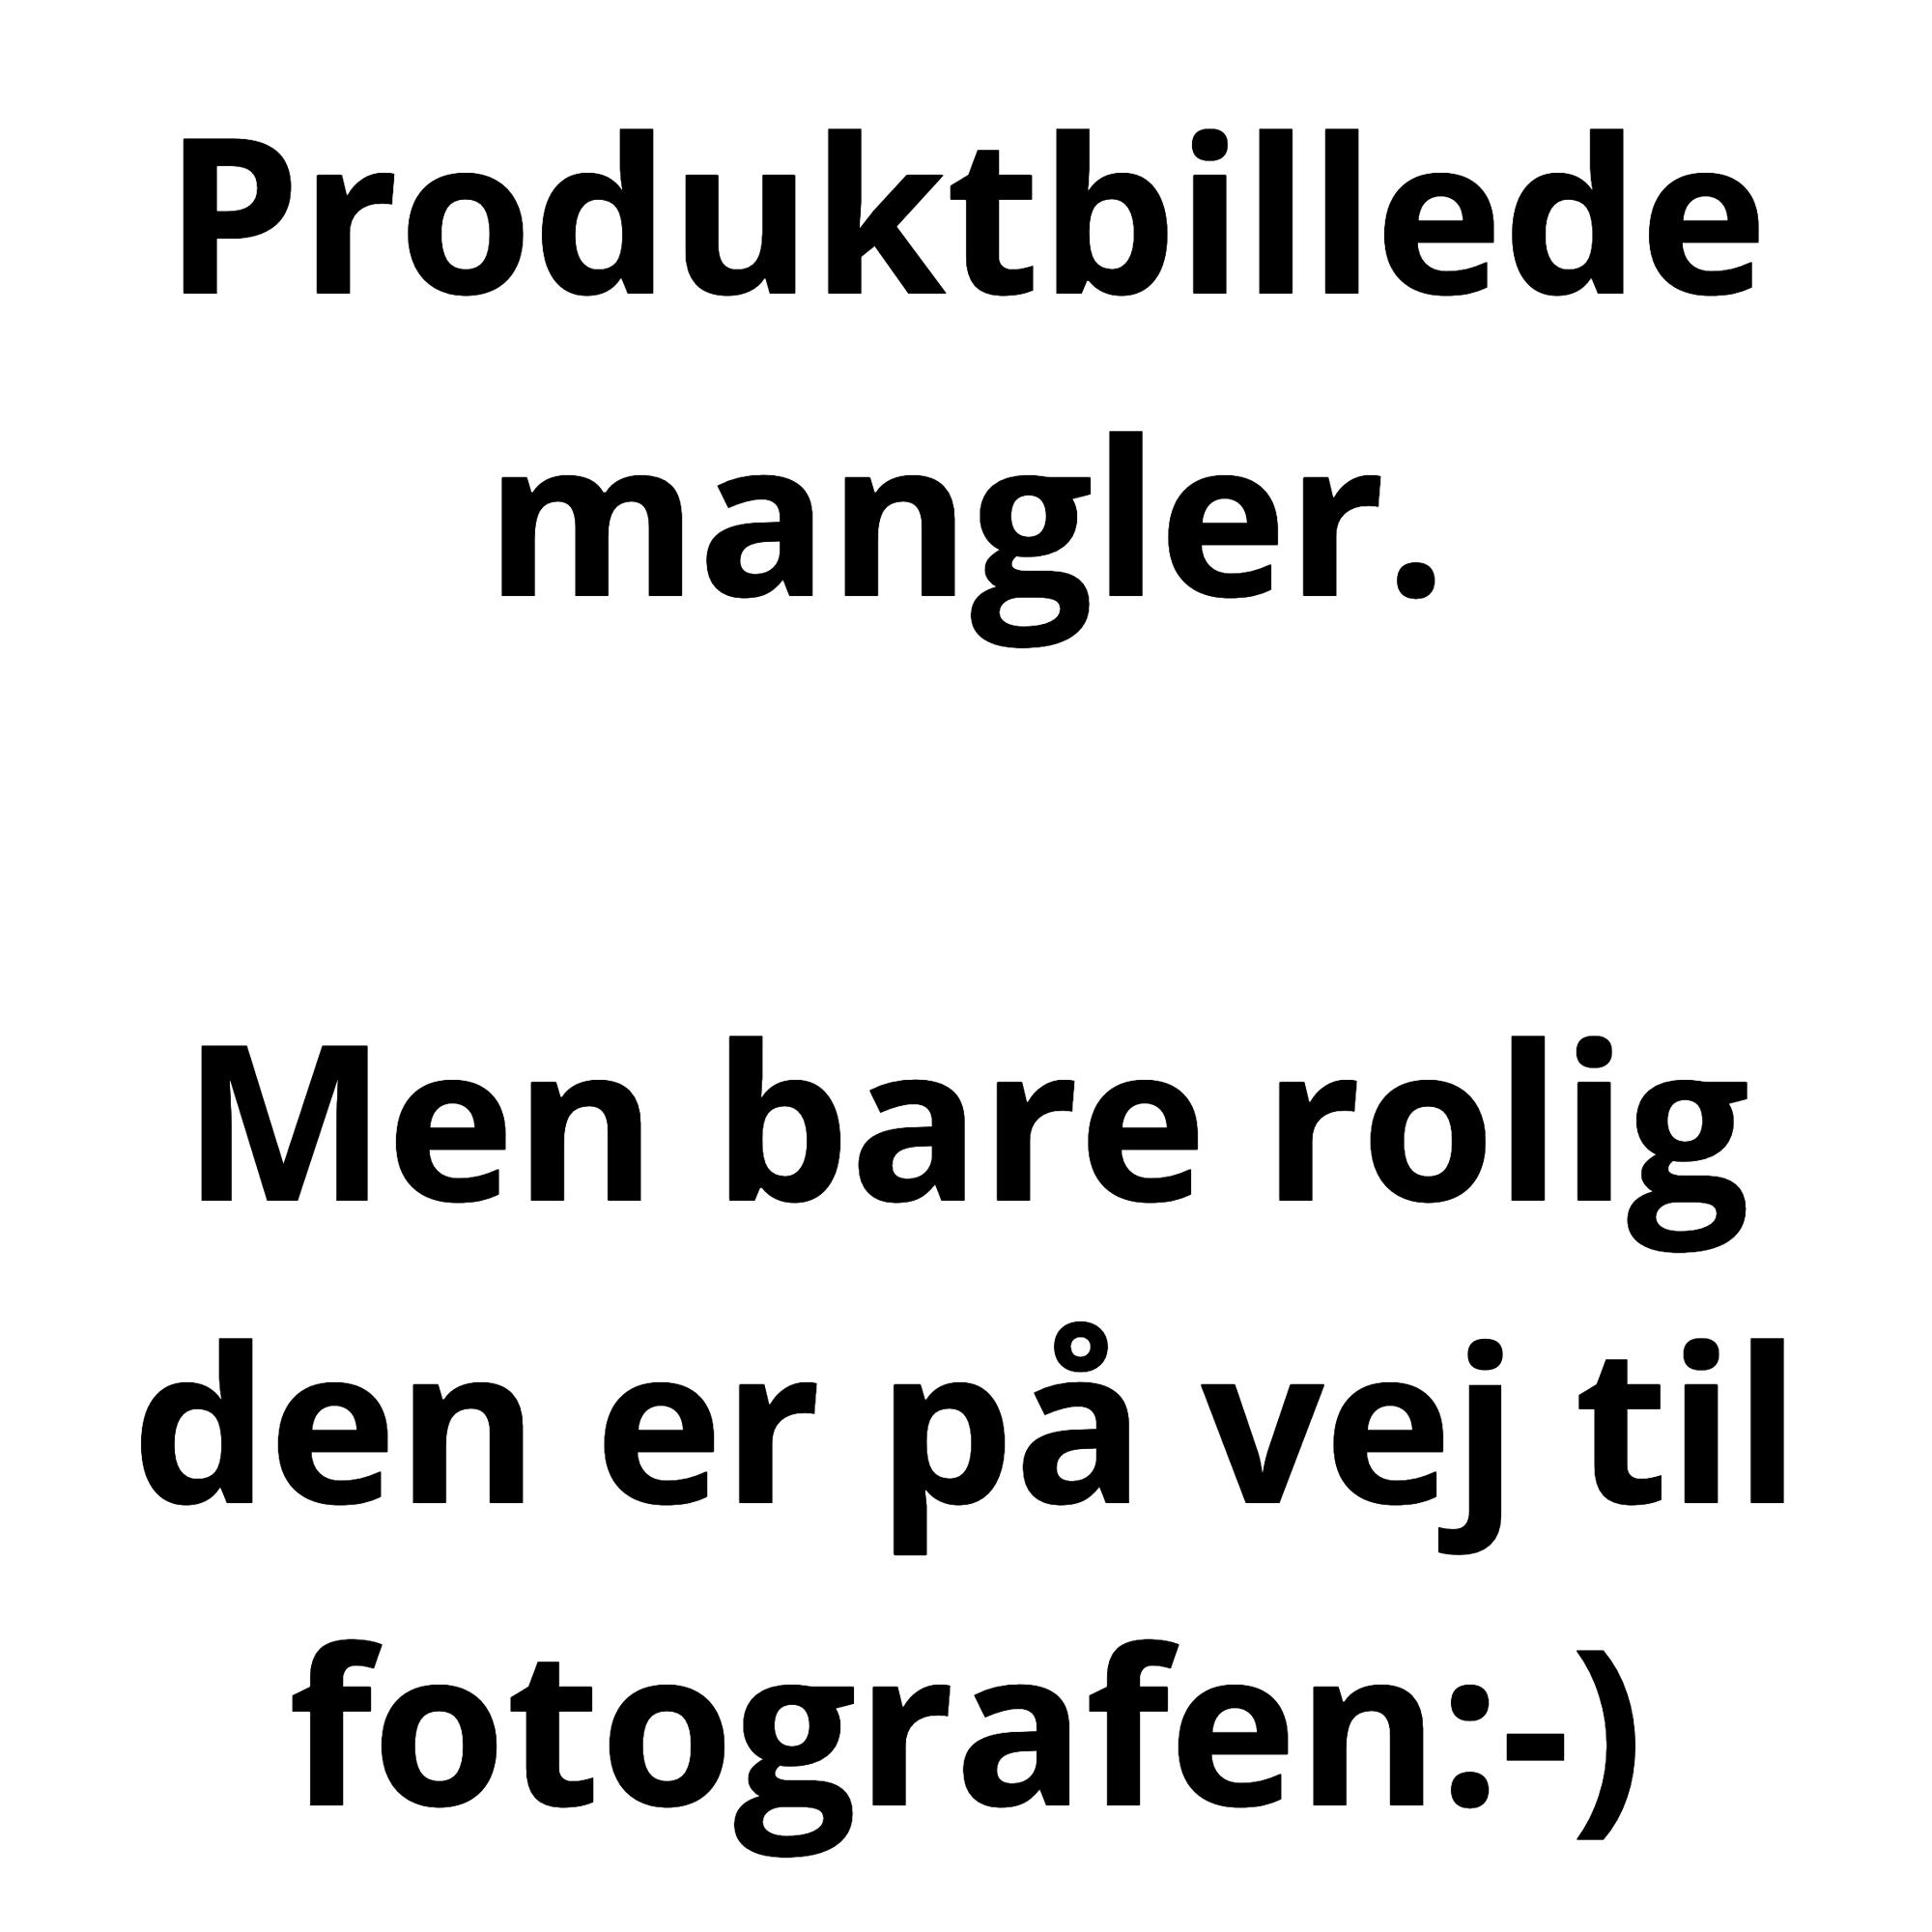 Brodit Aktiv mobilholder m. Cigar Adapter til Apple iPhone 5/5S/5C m. el. u. Beskyttelsescover - 521500